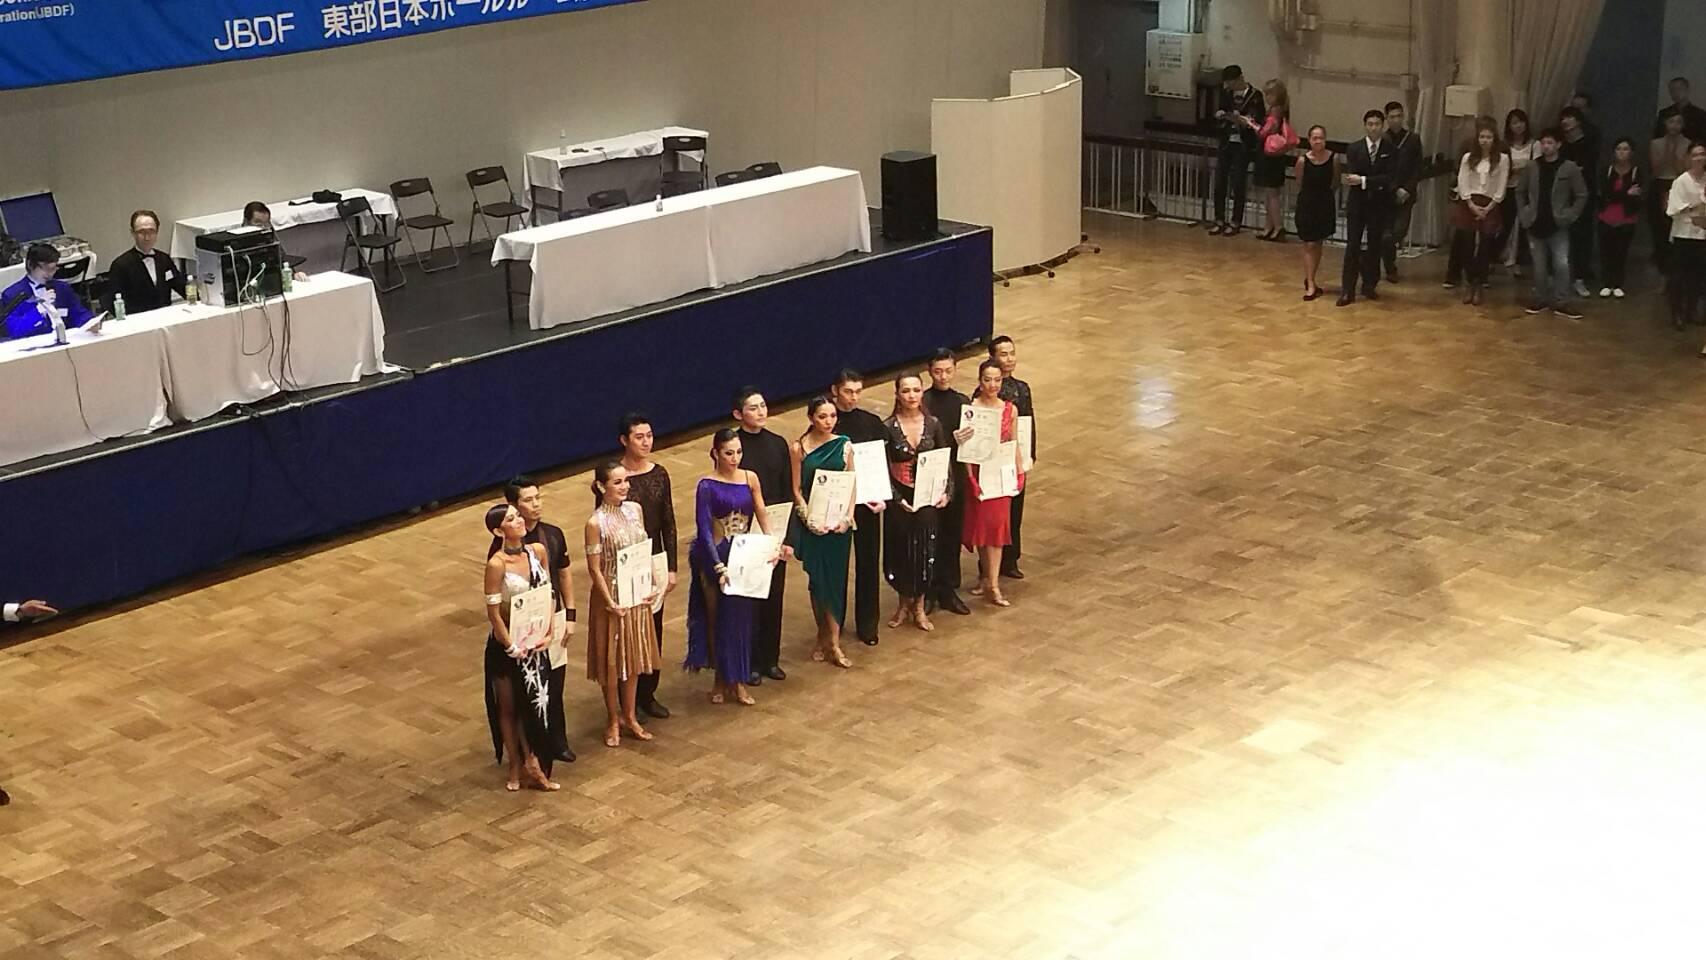 後楽園ホール EJBDF B級プロラテン 速報 結果 2017 後期